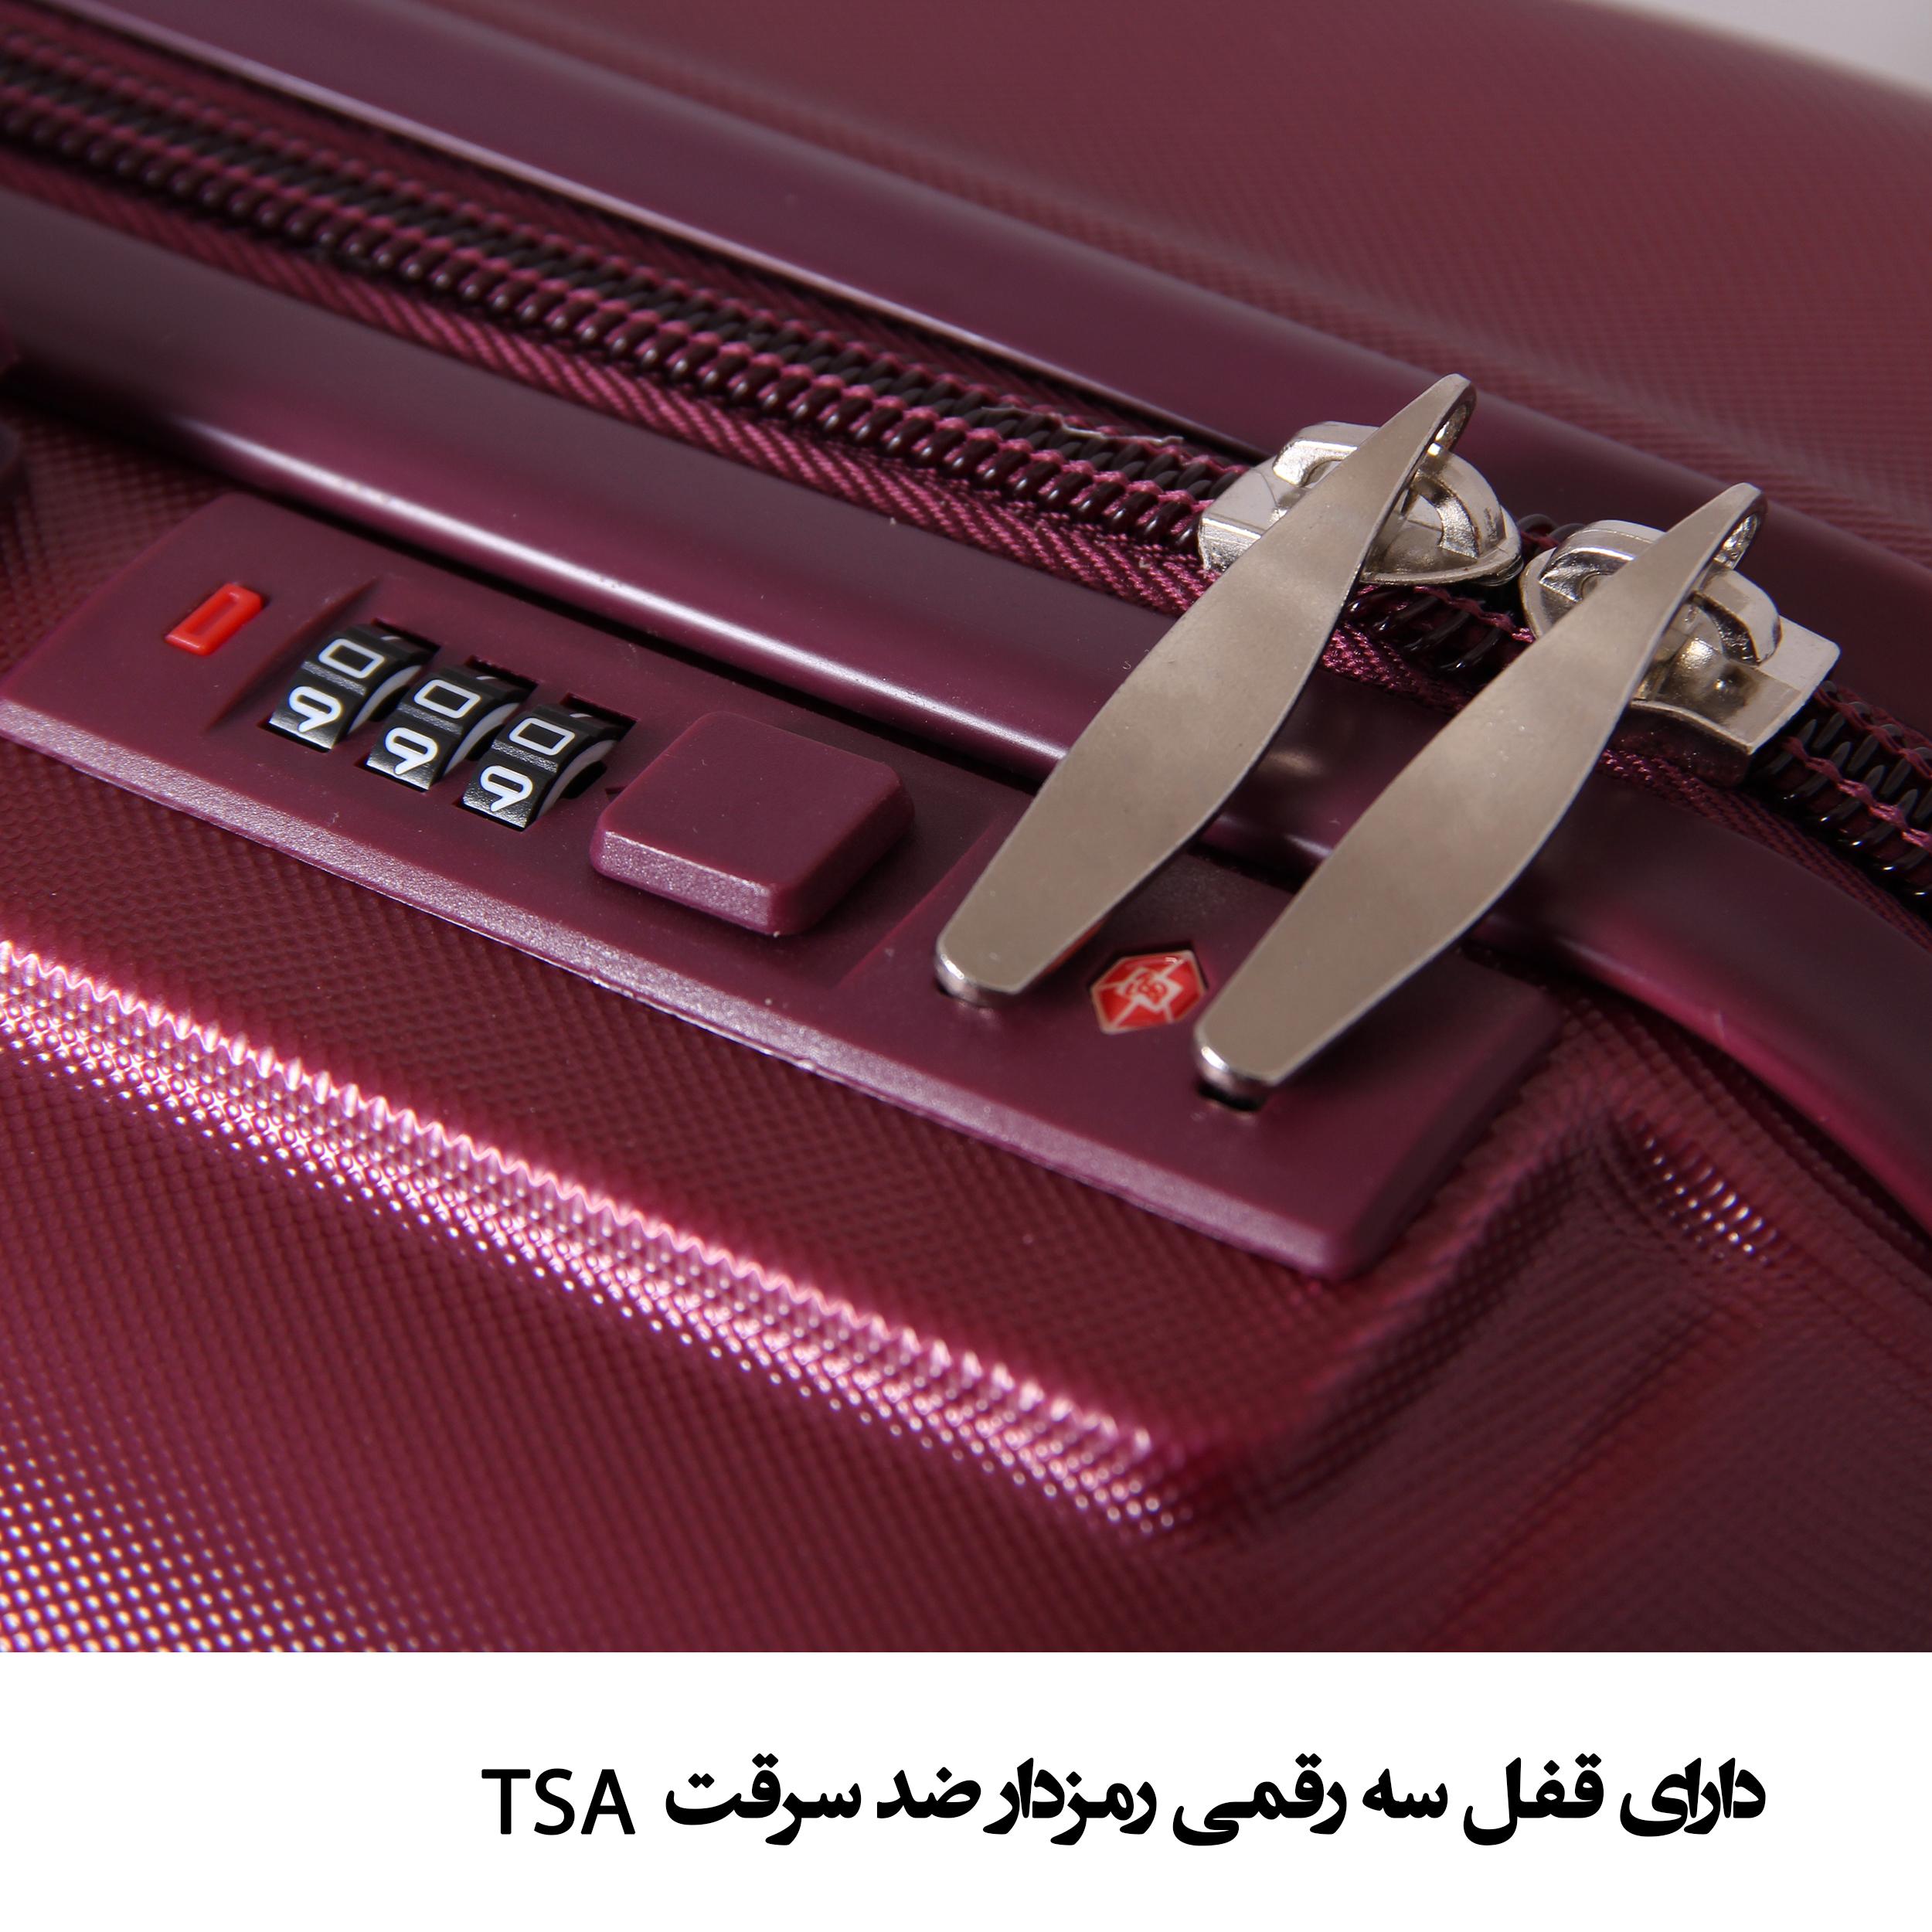 مجموعه چهار عددی چمدان مدل 319363 thumb 22